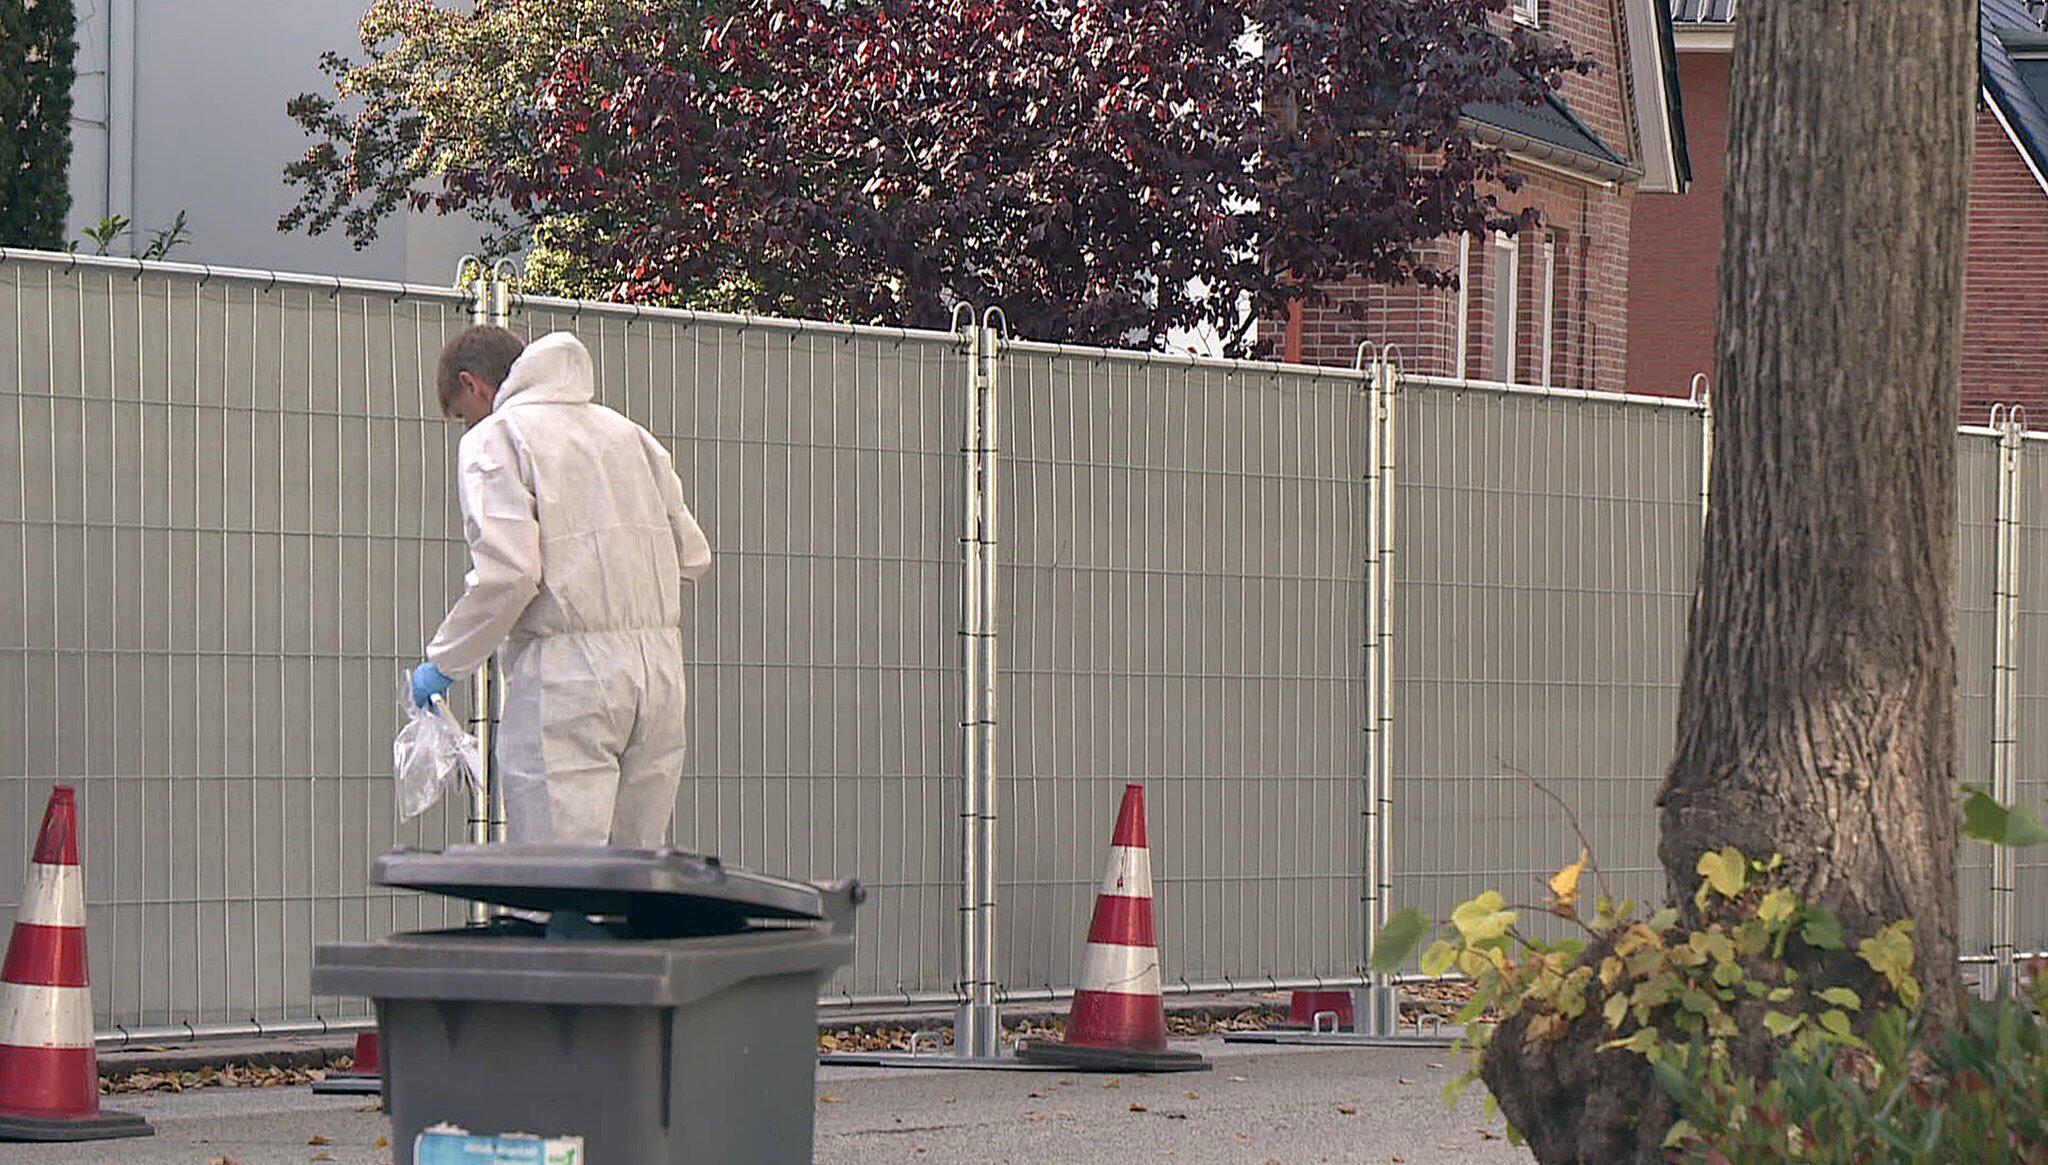 Bild zu Obdachloser bei Polizei-Einsatz in Bad Oldesloe erschossen